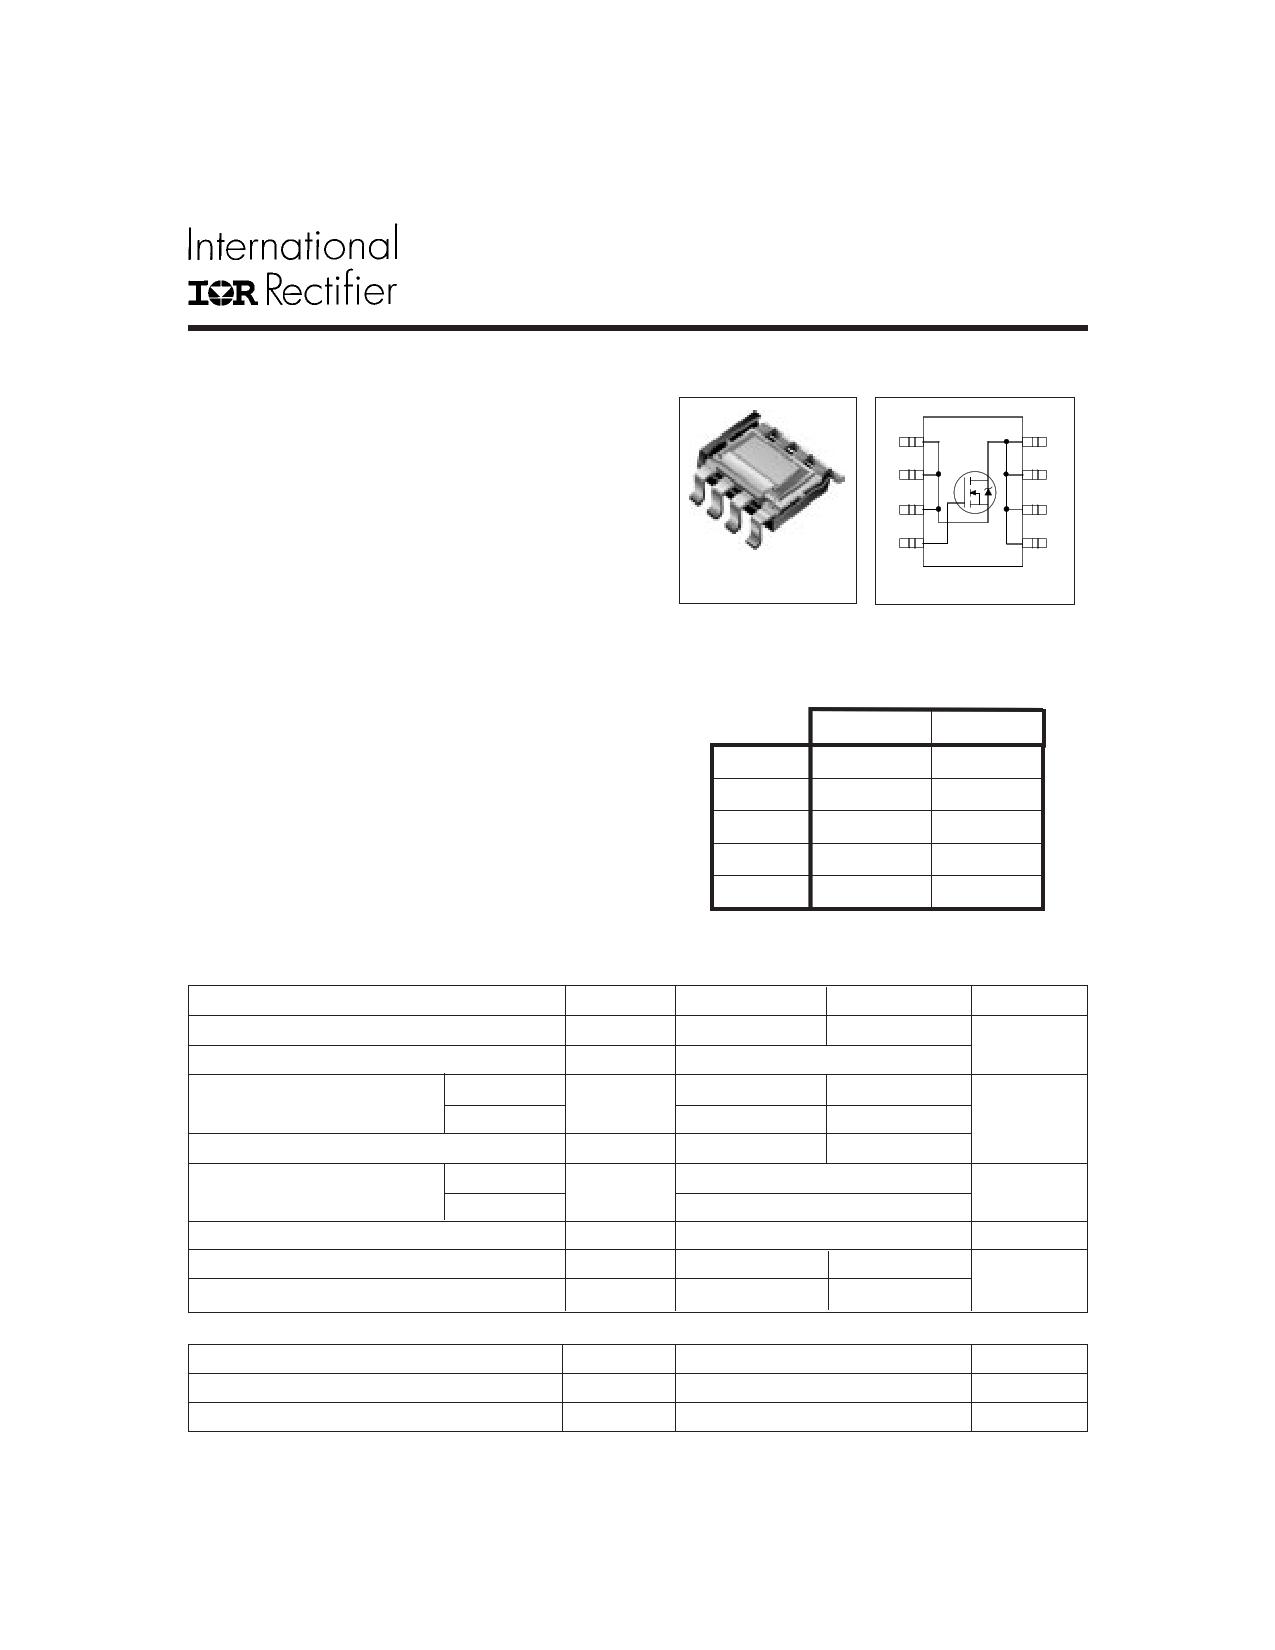 IRF7809 datasheet